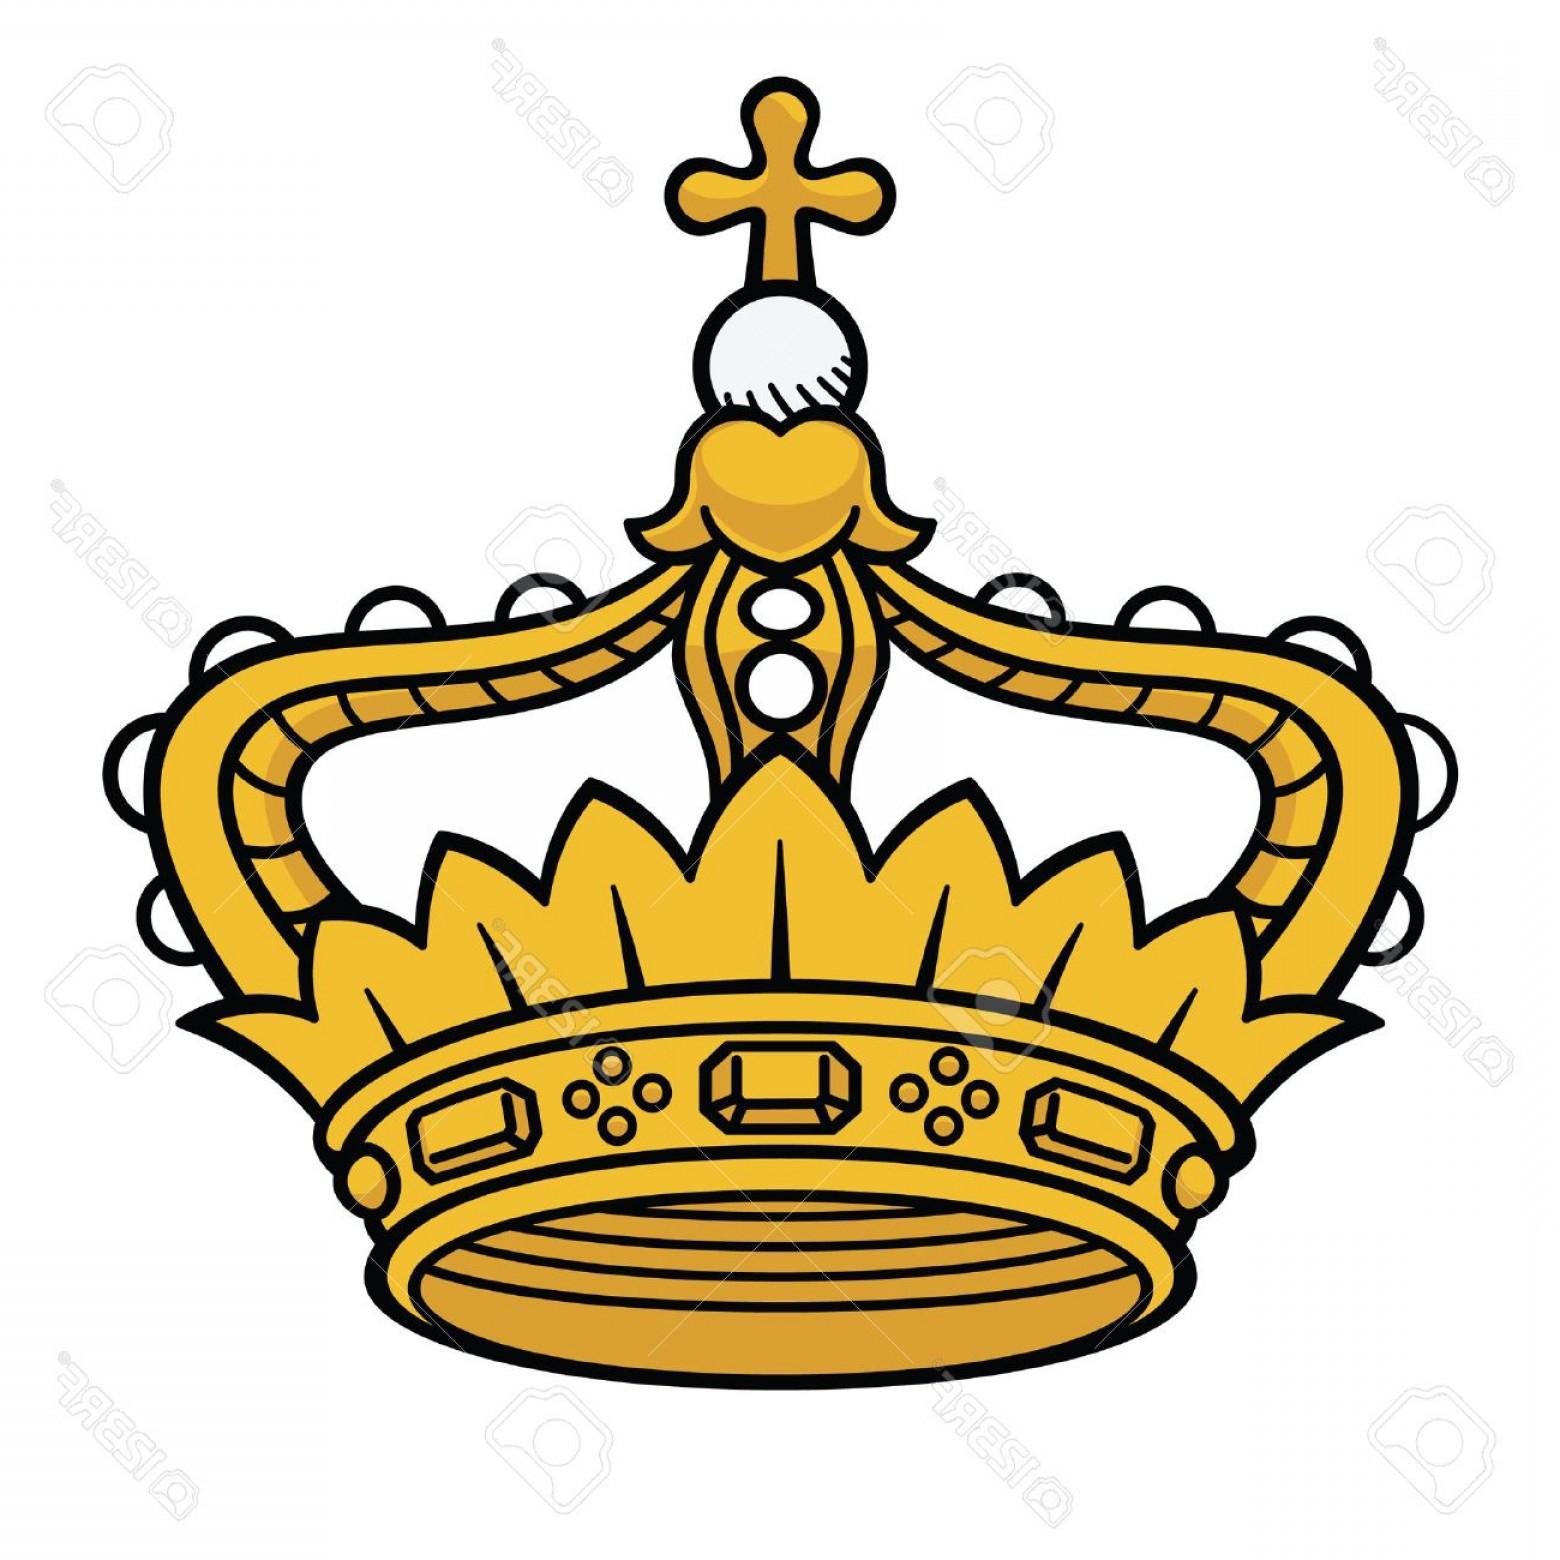 1560x1560 Photostock Vector Golden Queen Crown Vector Isolated Medieval